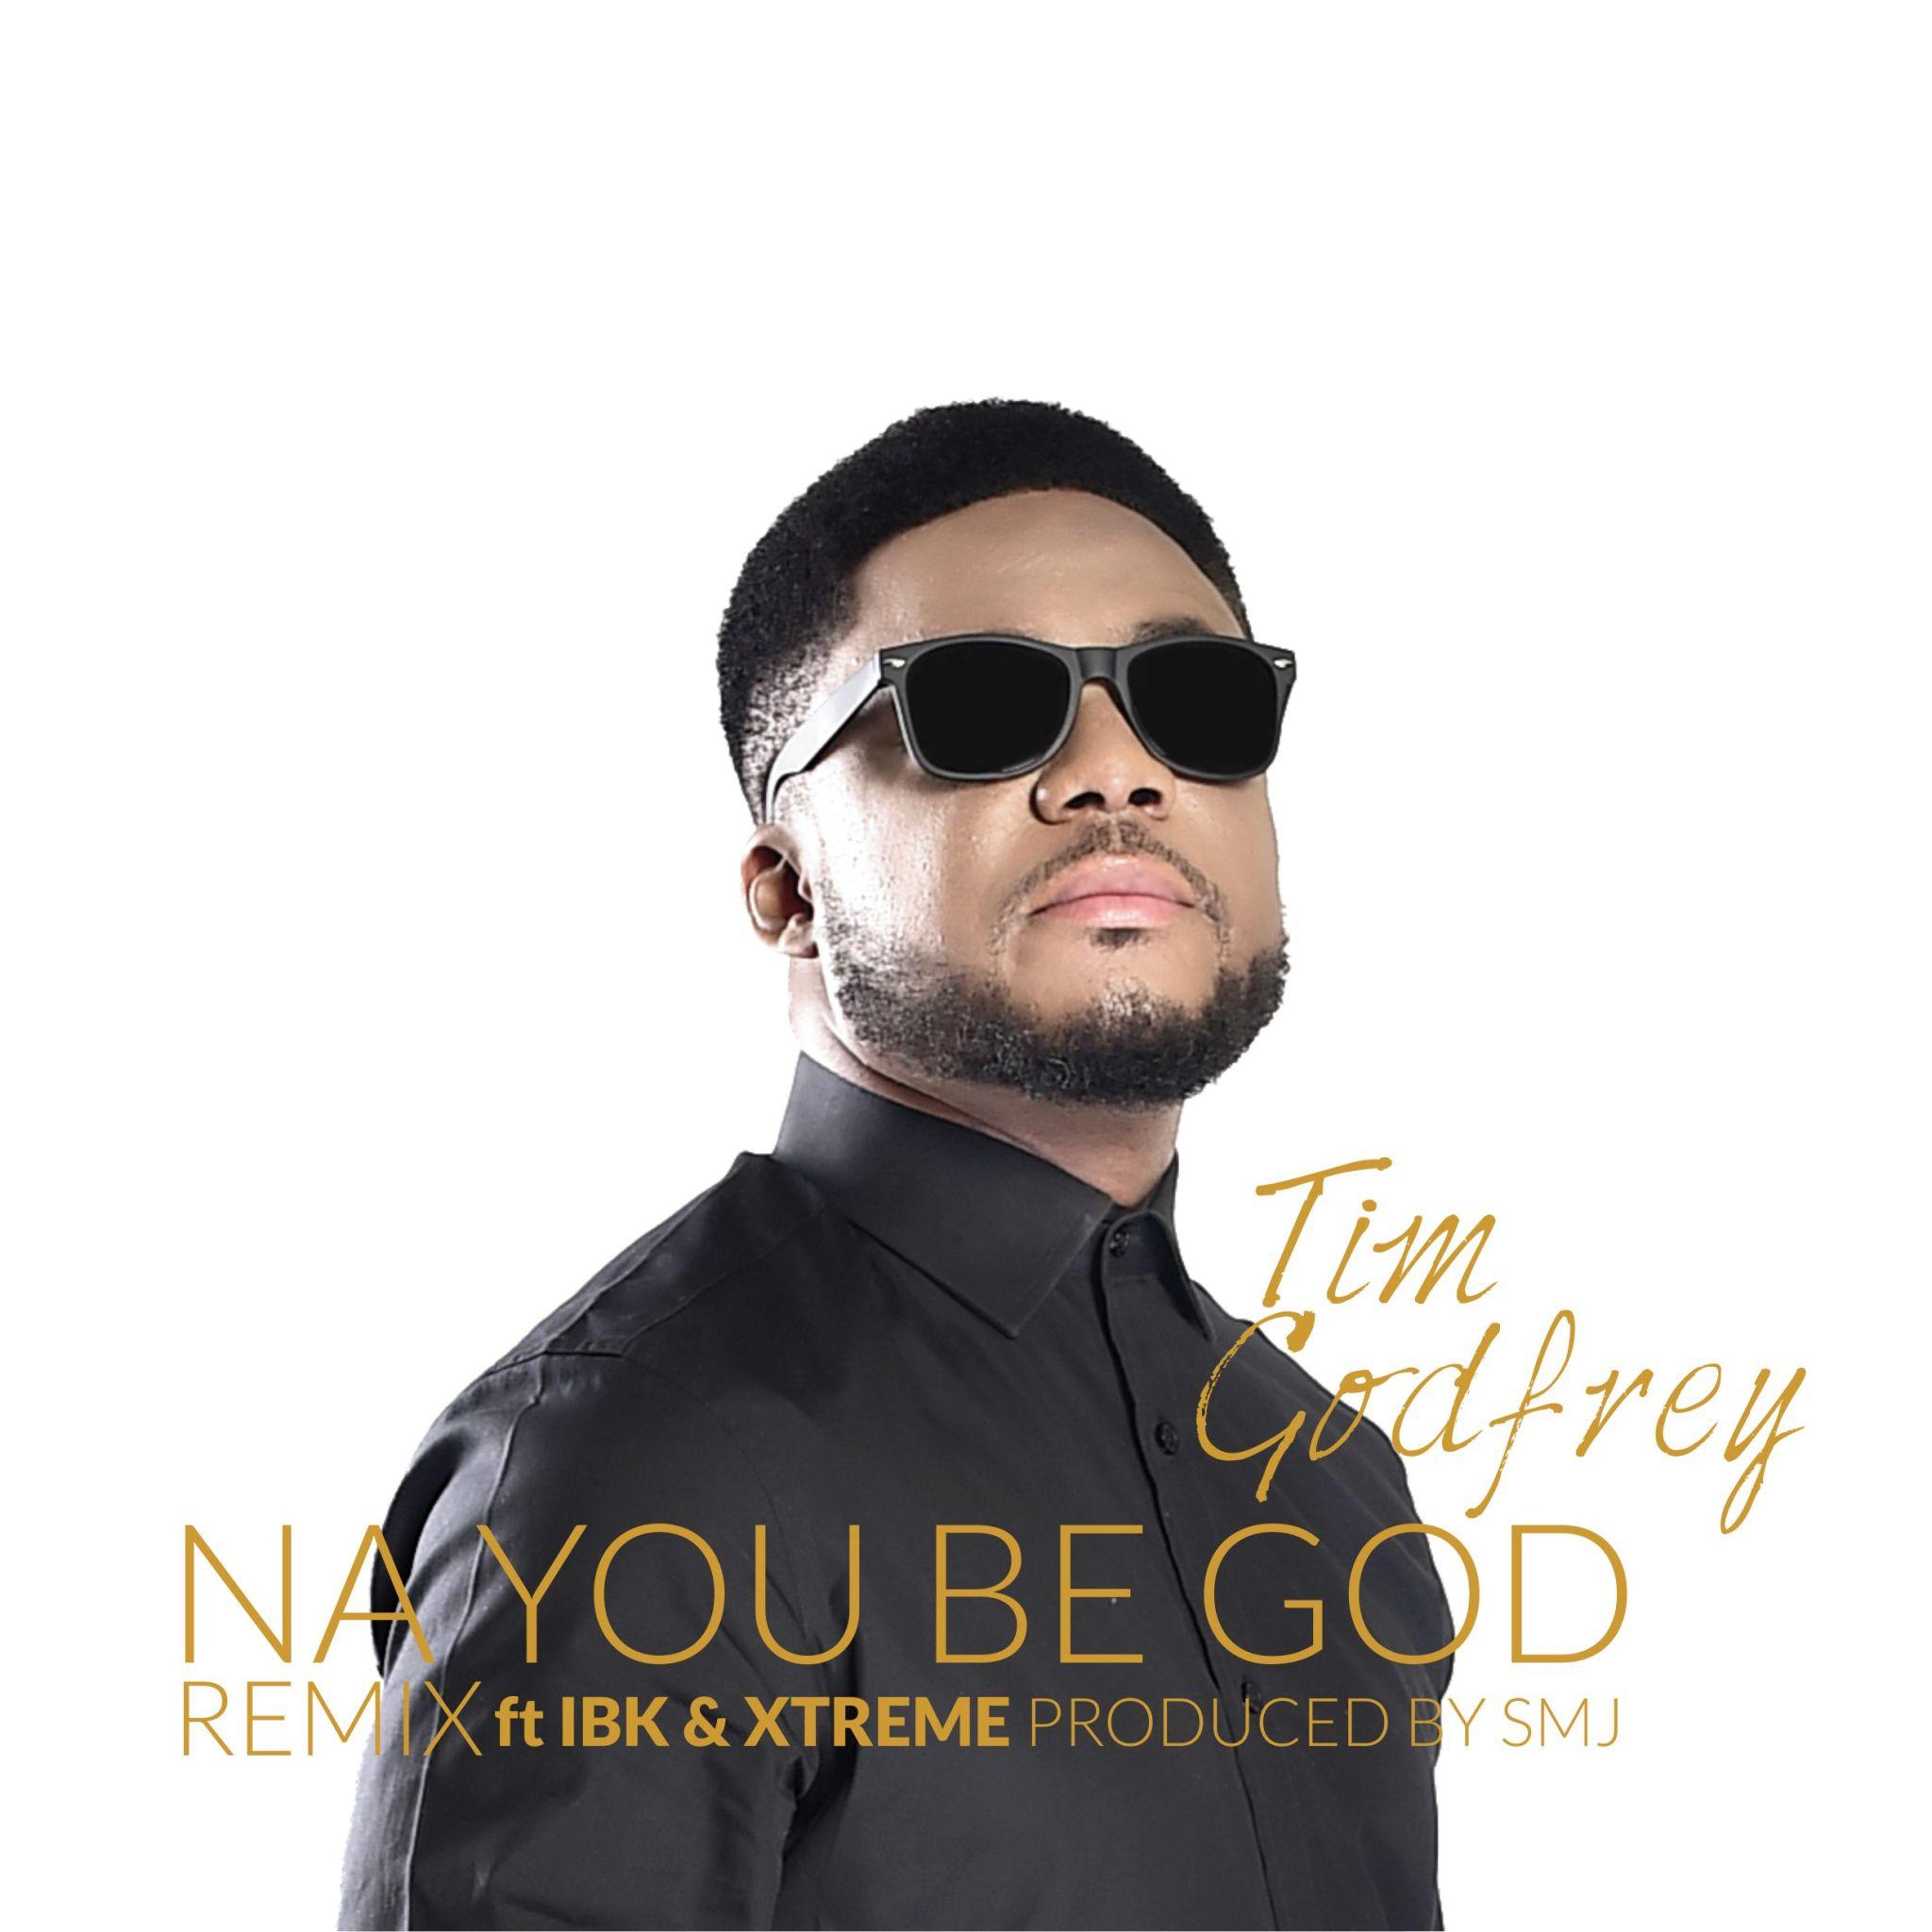 NA U BE GOD RELEASE